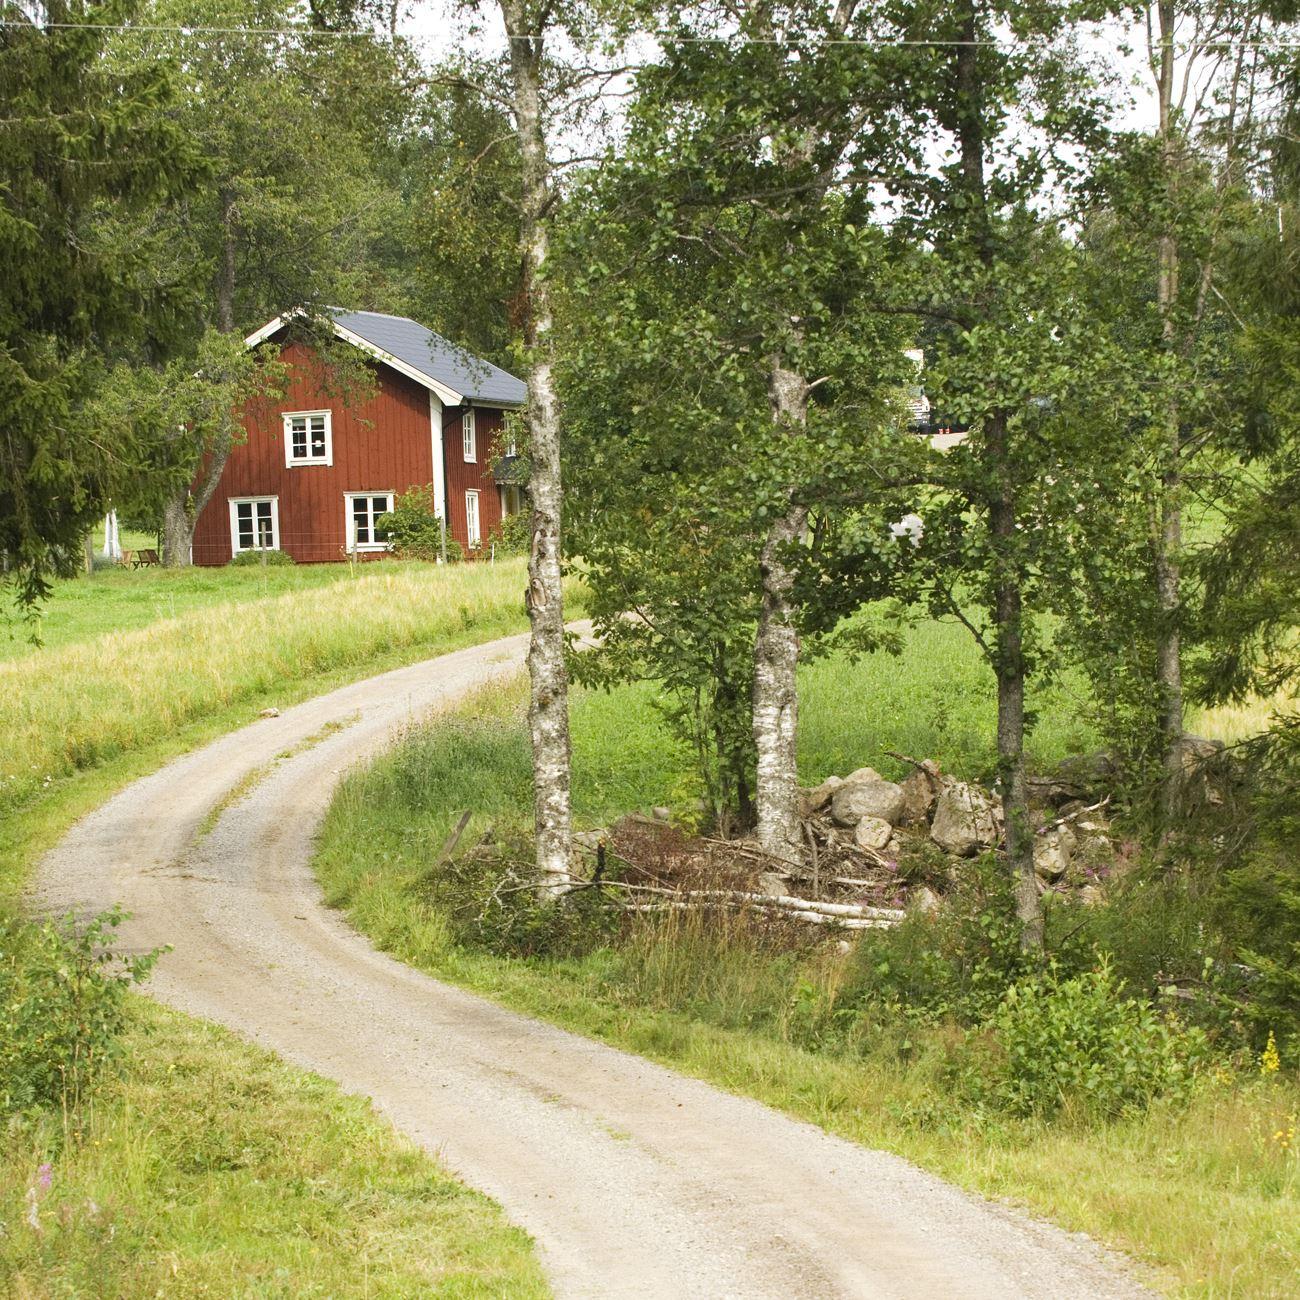 Foto: Smålandsbilder.se,  © Värnamo Näringsliv AB , Cykla i Värnamo Kommun